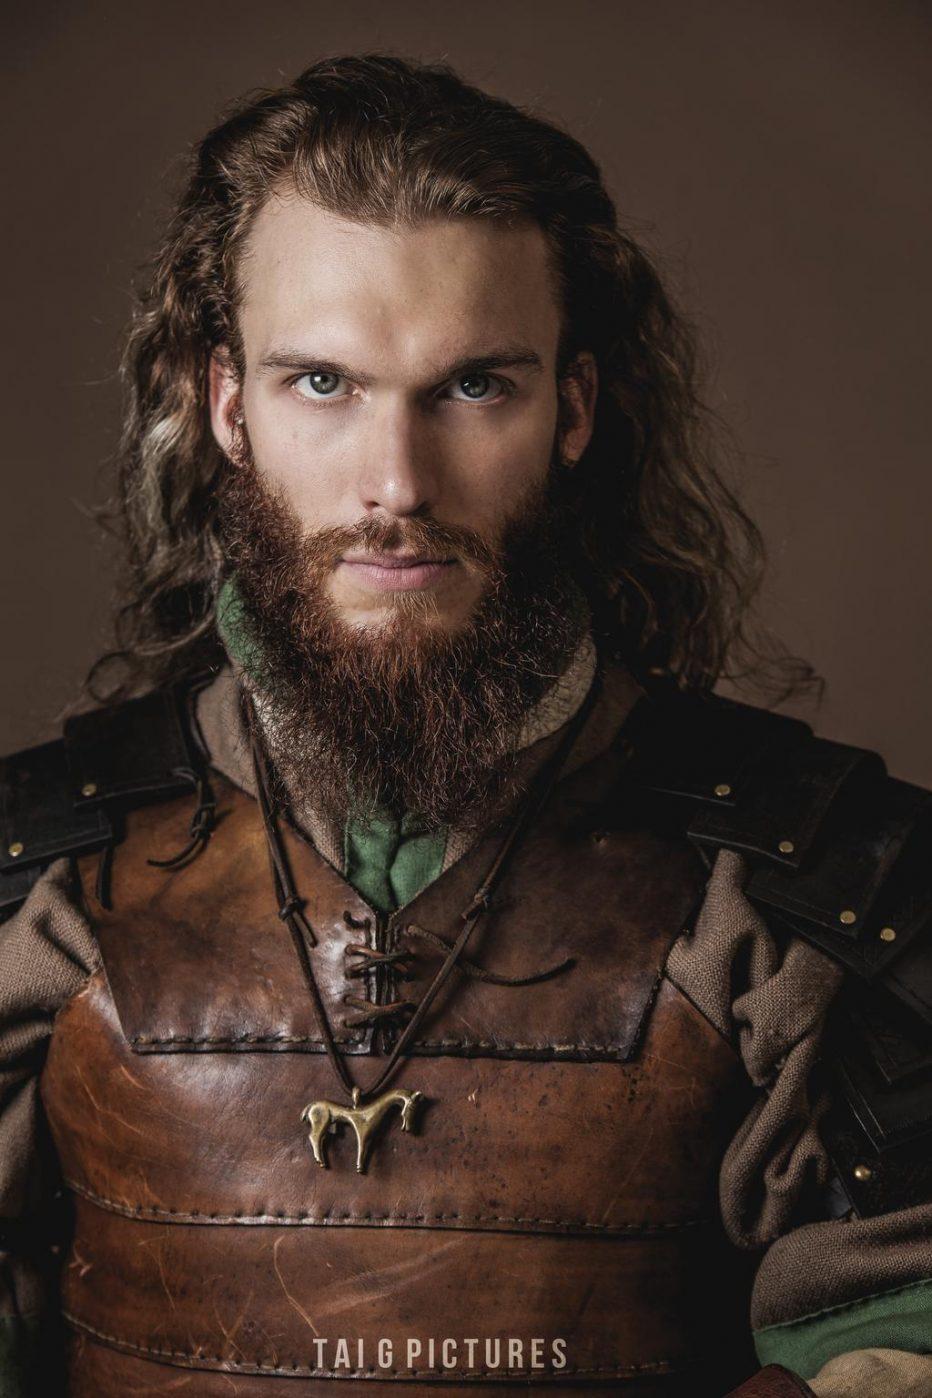 The-Lord-of-the-Rings-Rohirrim-Cosplay-Gamers-Heroes-4.jpg